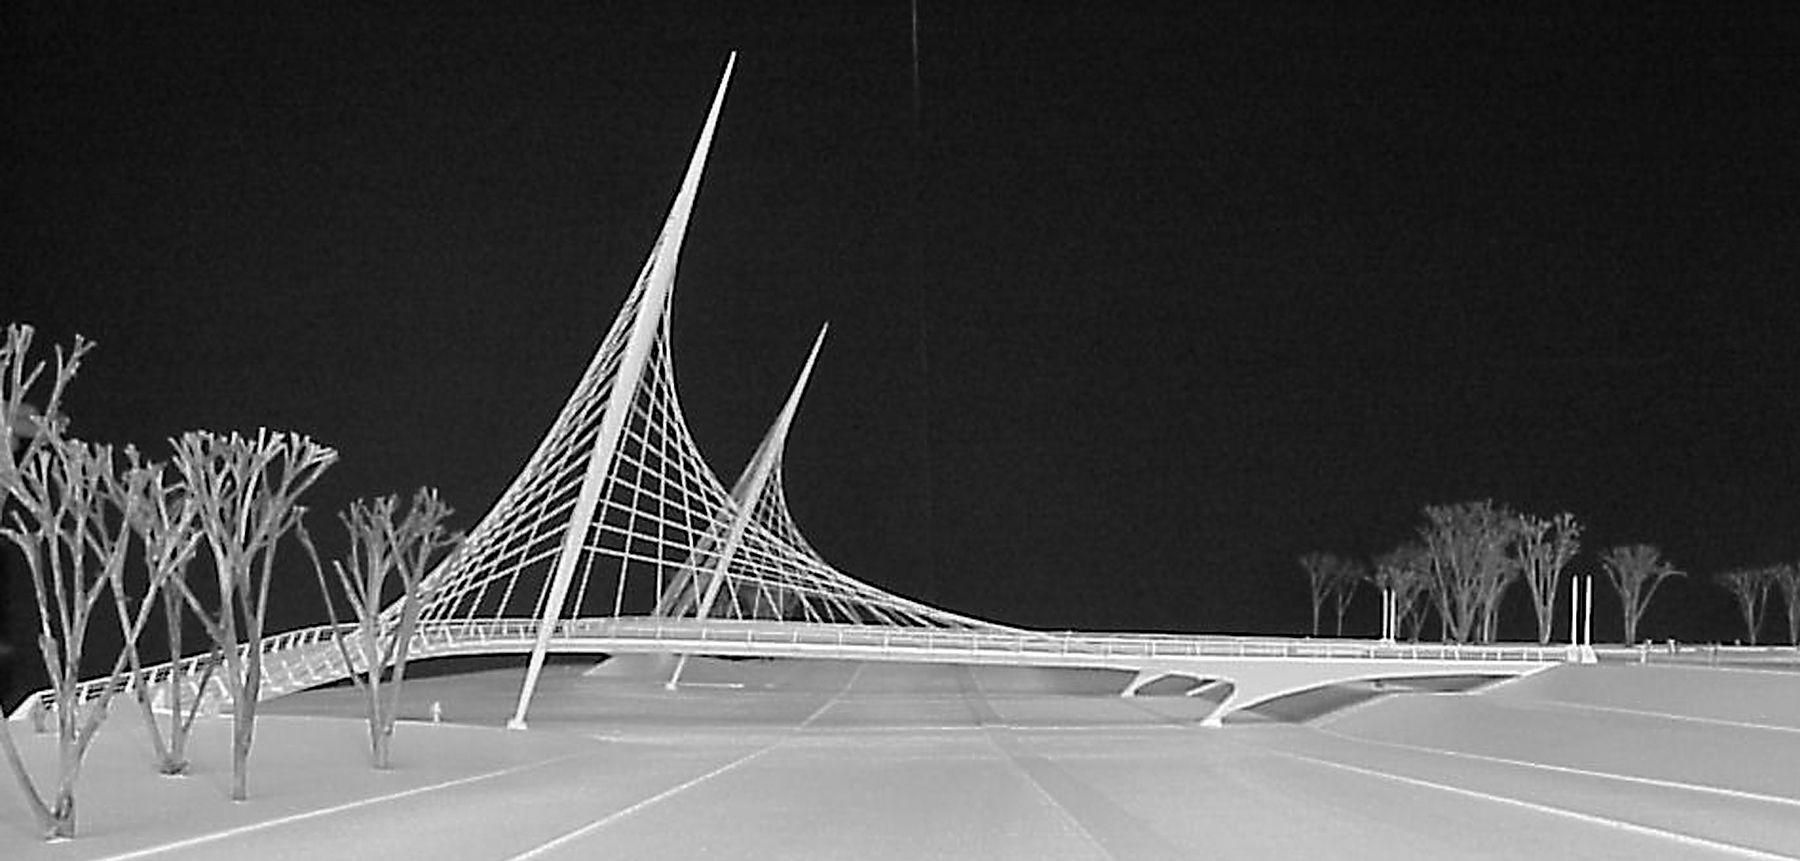 Chicago's never-built Queen's Landing Bridge by Santiago Calatrava